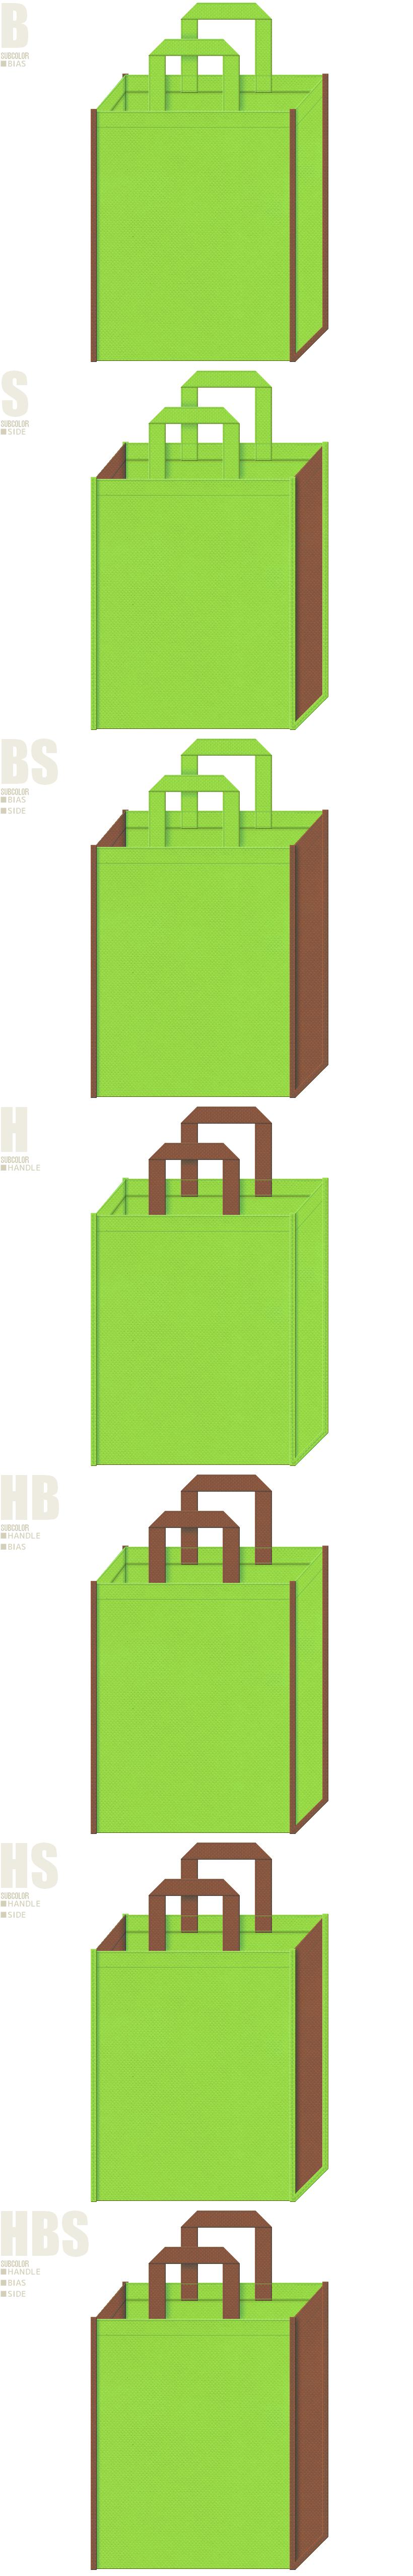 絵本・おとぎ話・森・ロールプレイングゲーム・環境セミナー・緑化推進・エコイベント・産直市場・牧場イベント・酪農・野菜・種苗・畑・田・肥料・農業セミナー・ガーデニング・園芸用品の展示会用バッグにお奨めの不織布バッグデザイン:黄緑色と茶色の配色7パターン